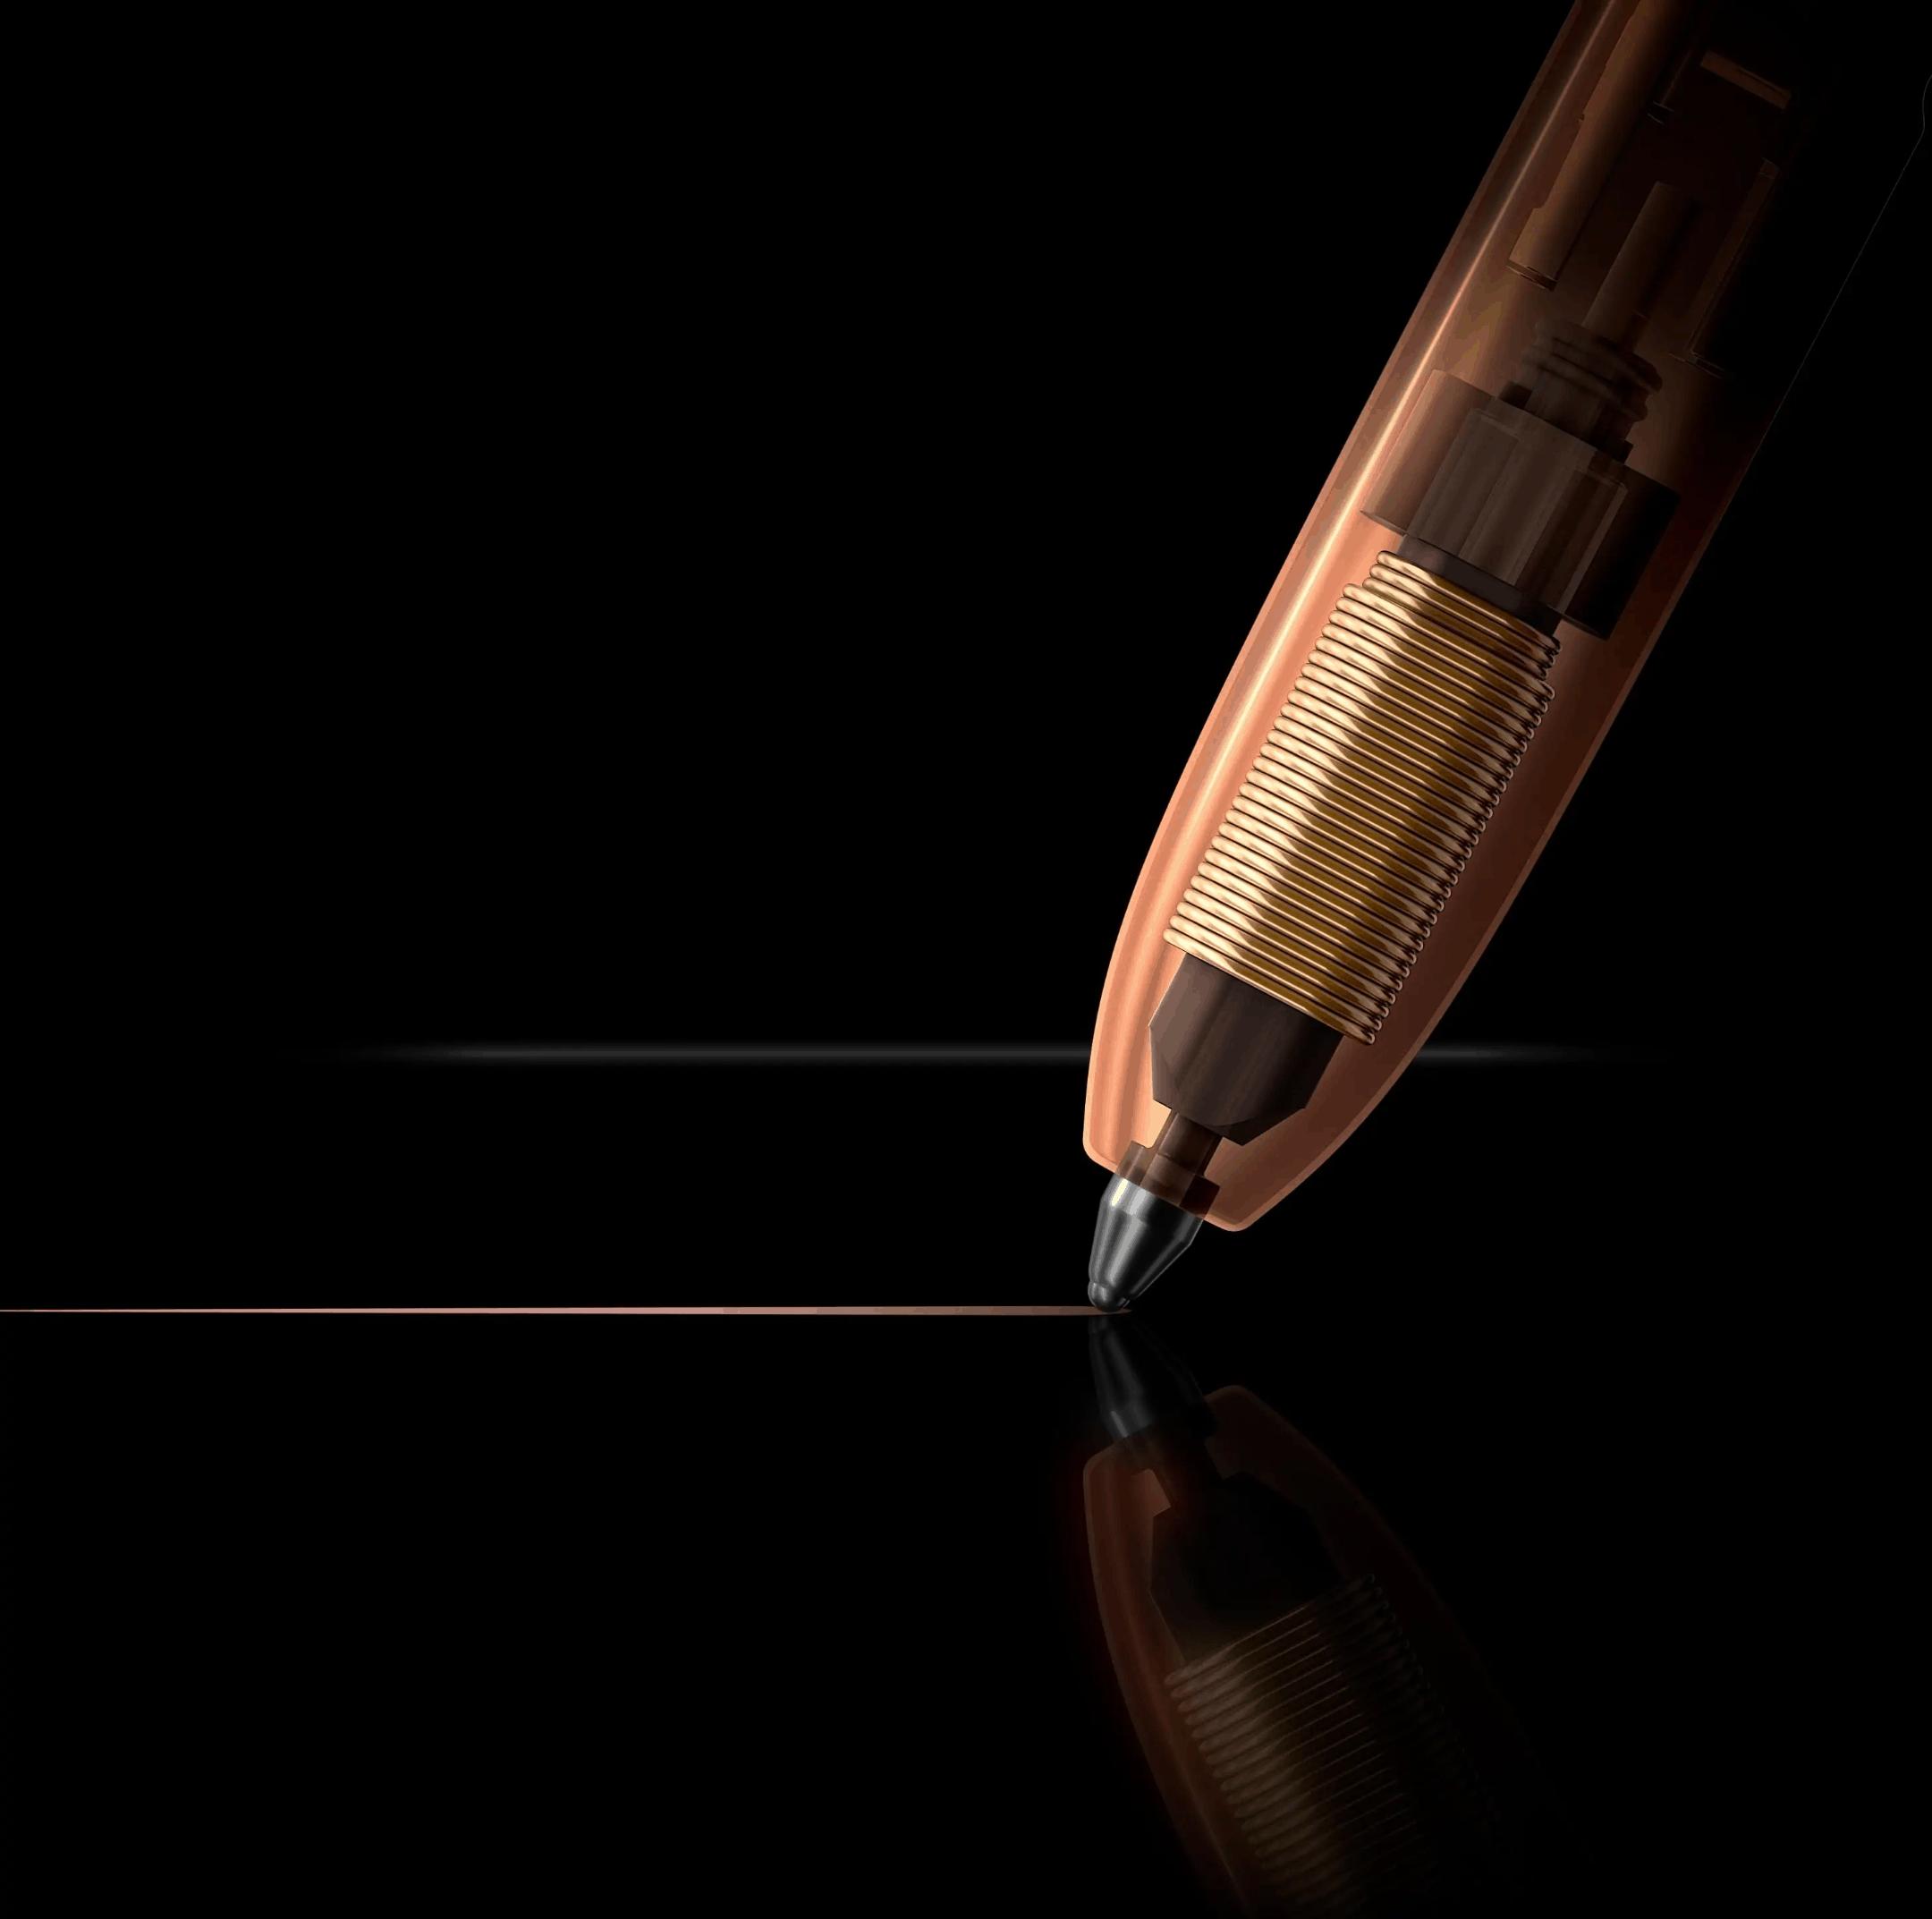 S Pen pisalo Galaxy Note20